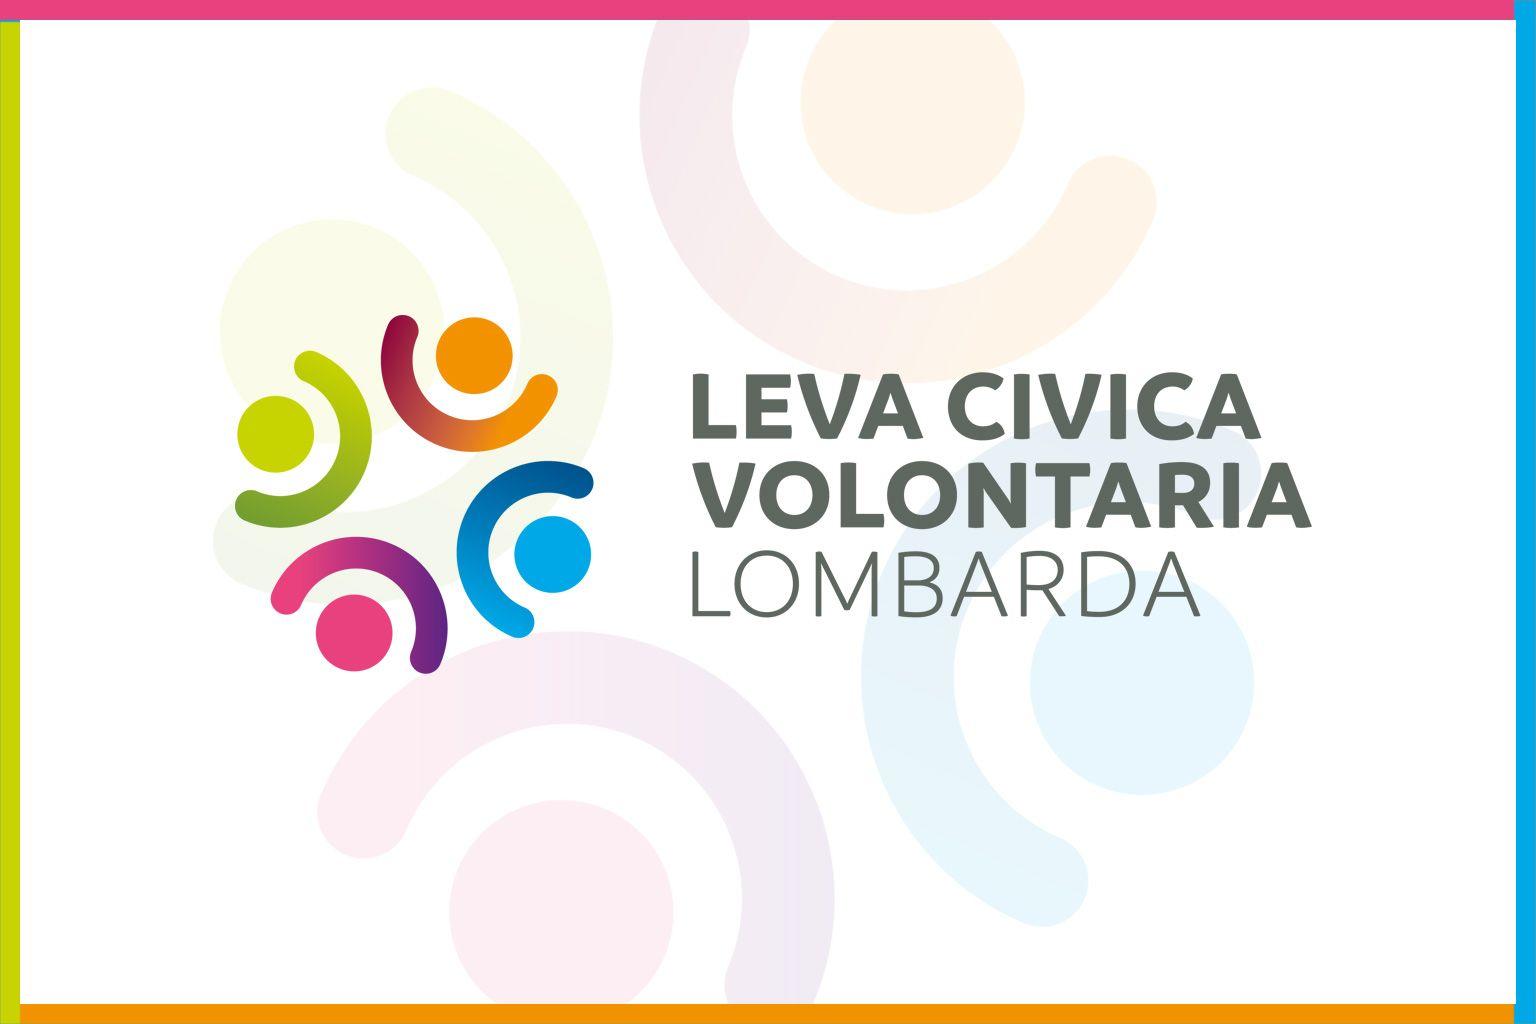 Protezione Civile: contributi alle Organizzazioni di Volontariato per attrezzature e mezzi nel triennio 2019-2021